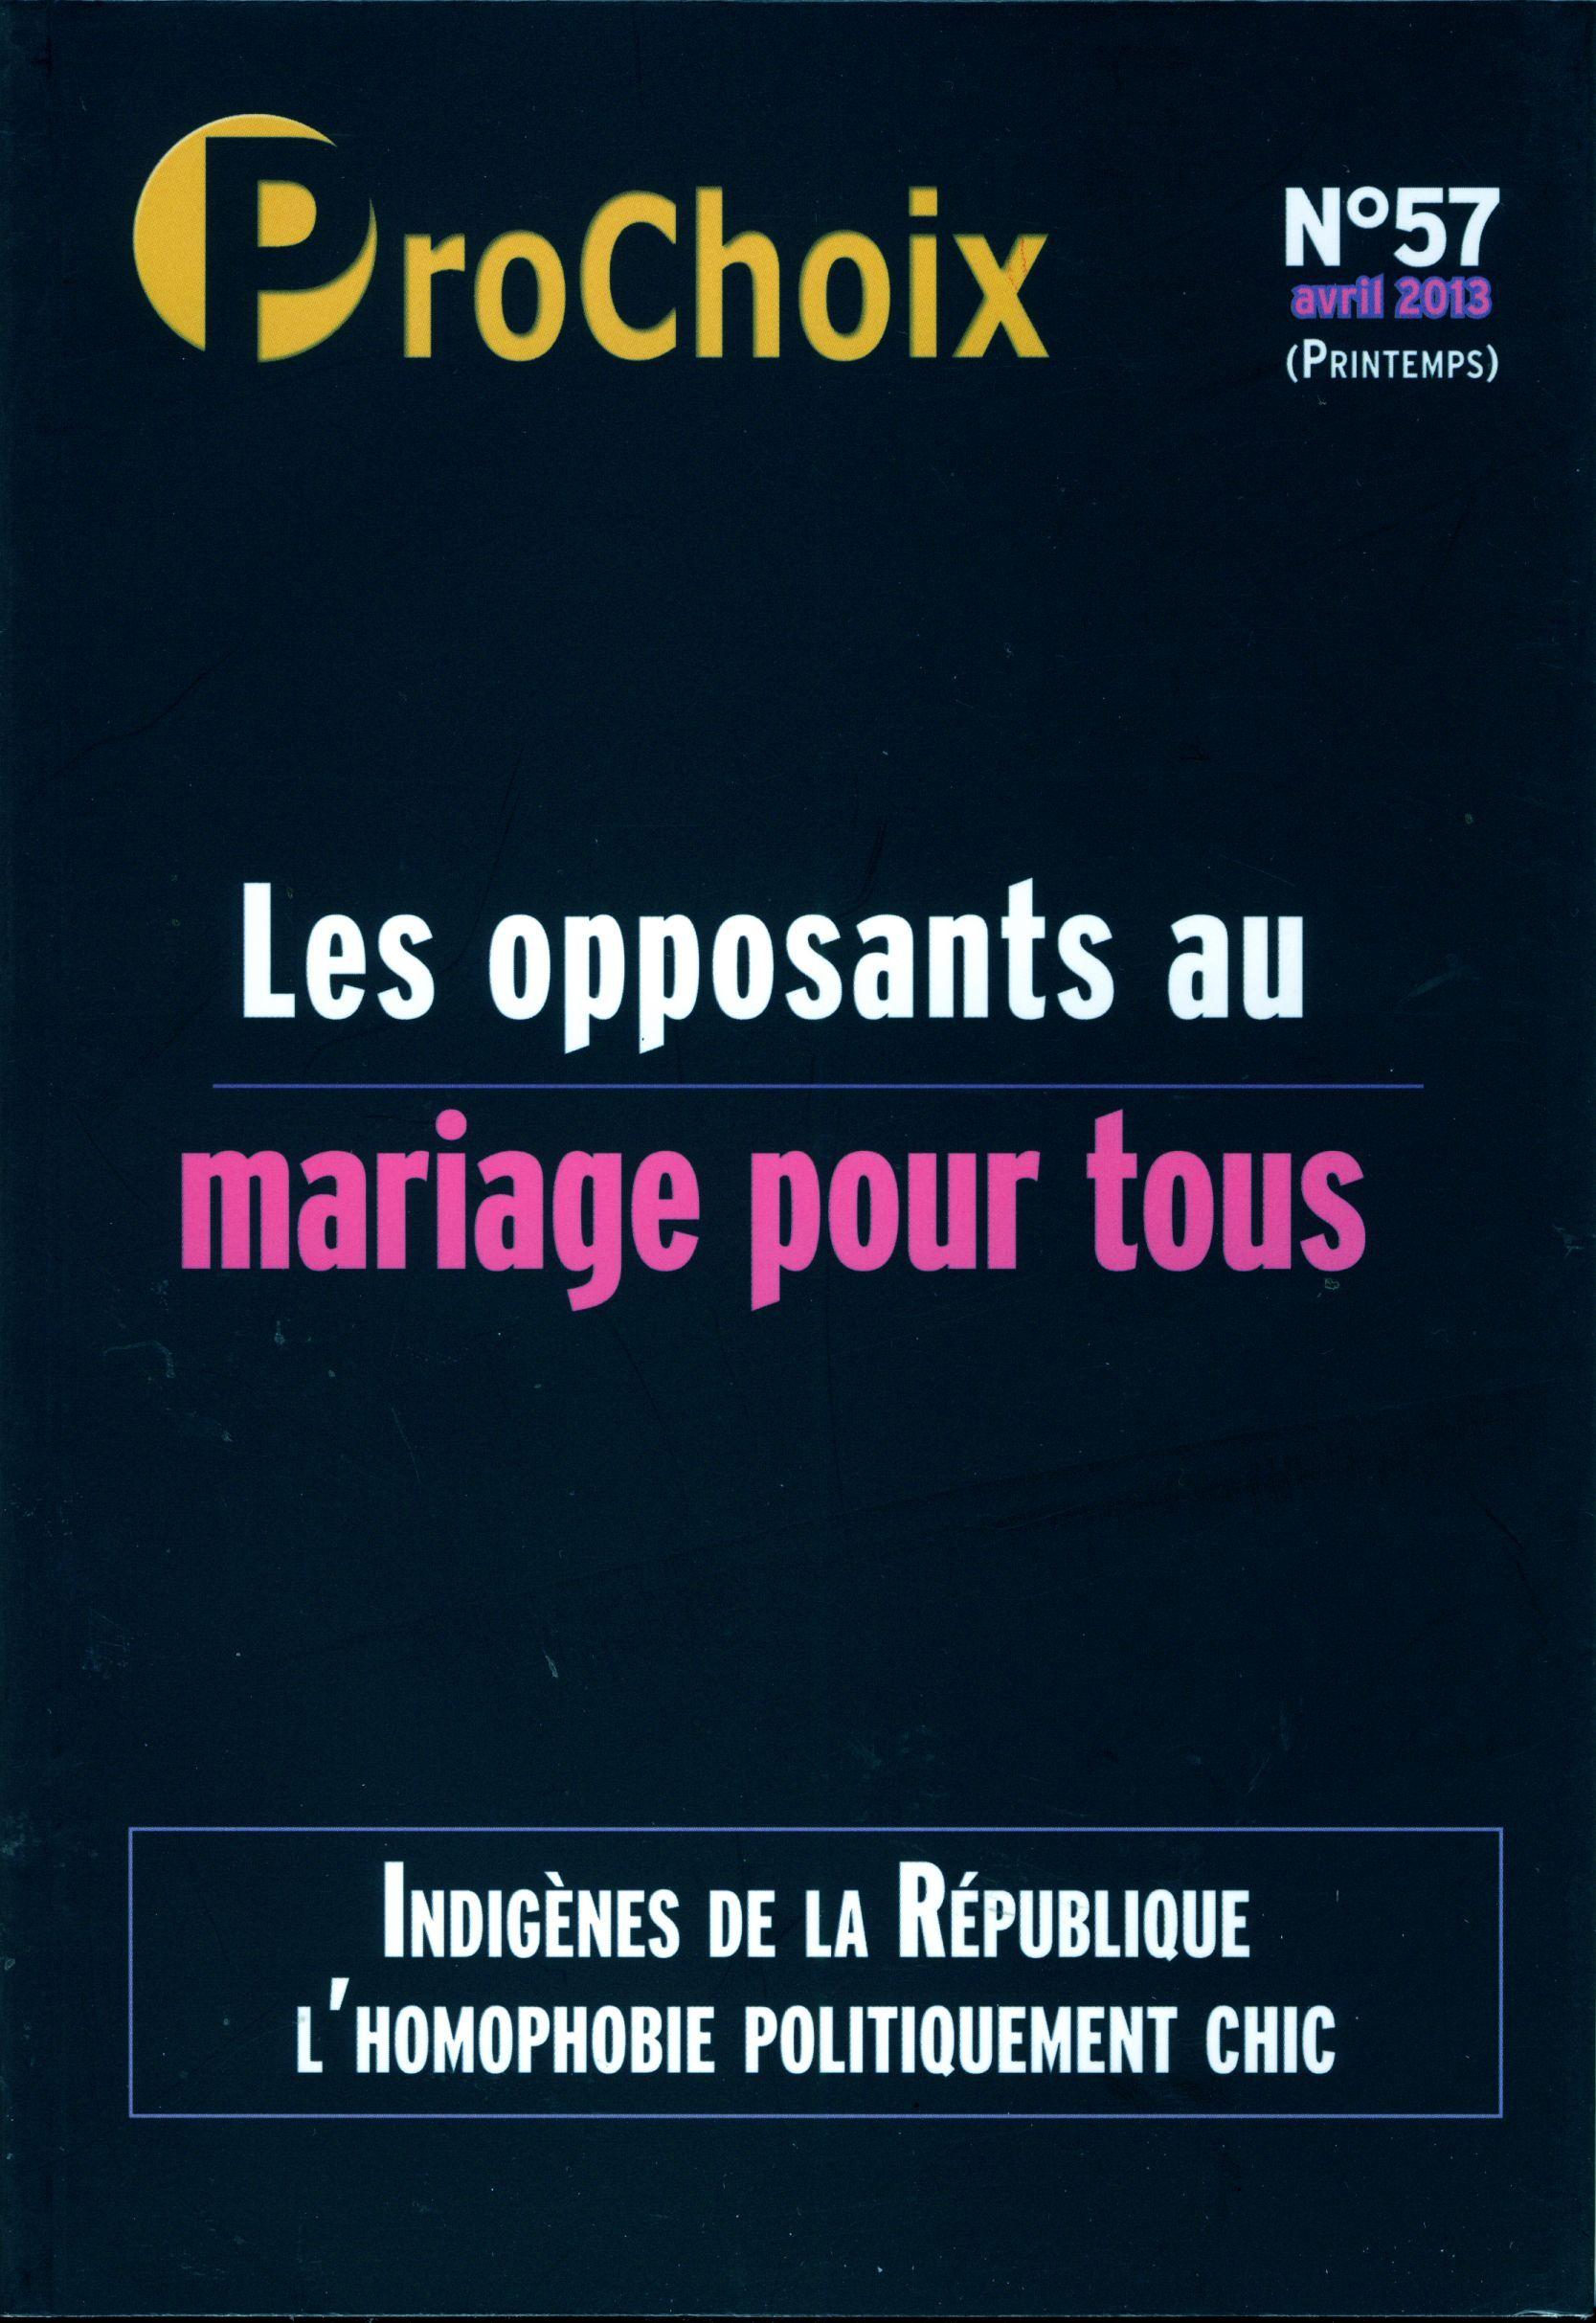 PROCHOIX N 57 : LES OPPOSANTS AU MARIAGE POUR TOUS